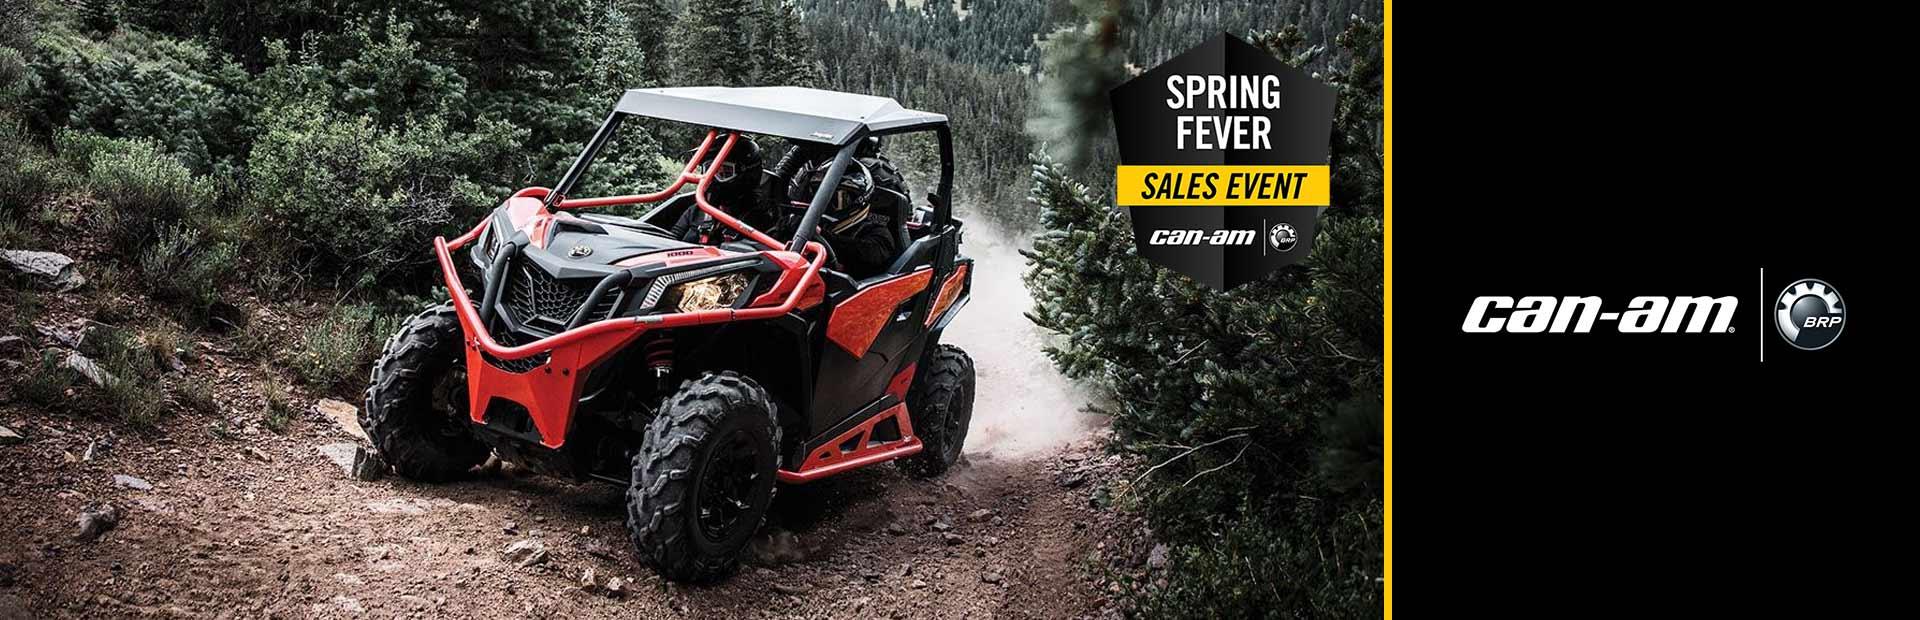 Spring Fever Sales Event-Maverick